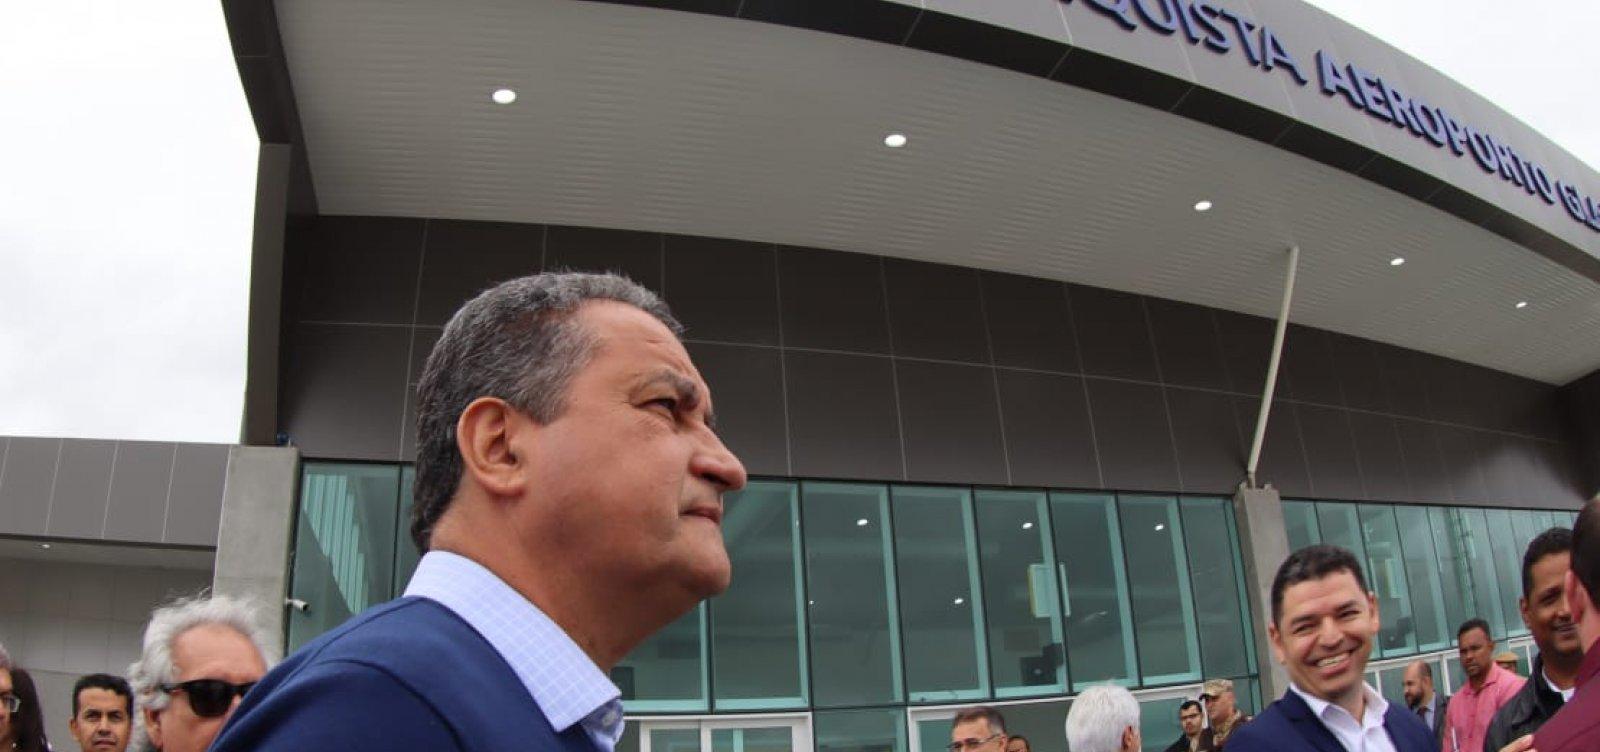 ['Não esperava na vida ver um presidente falar tanta baixaria', diz Rui sobre Bolsonaro]